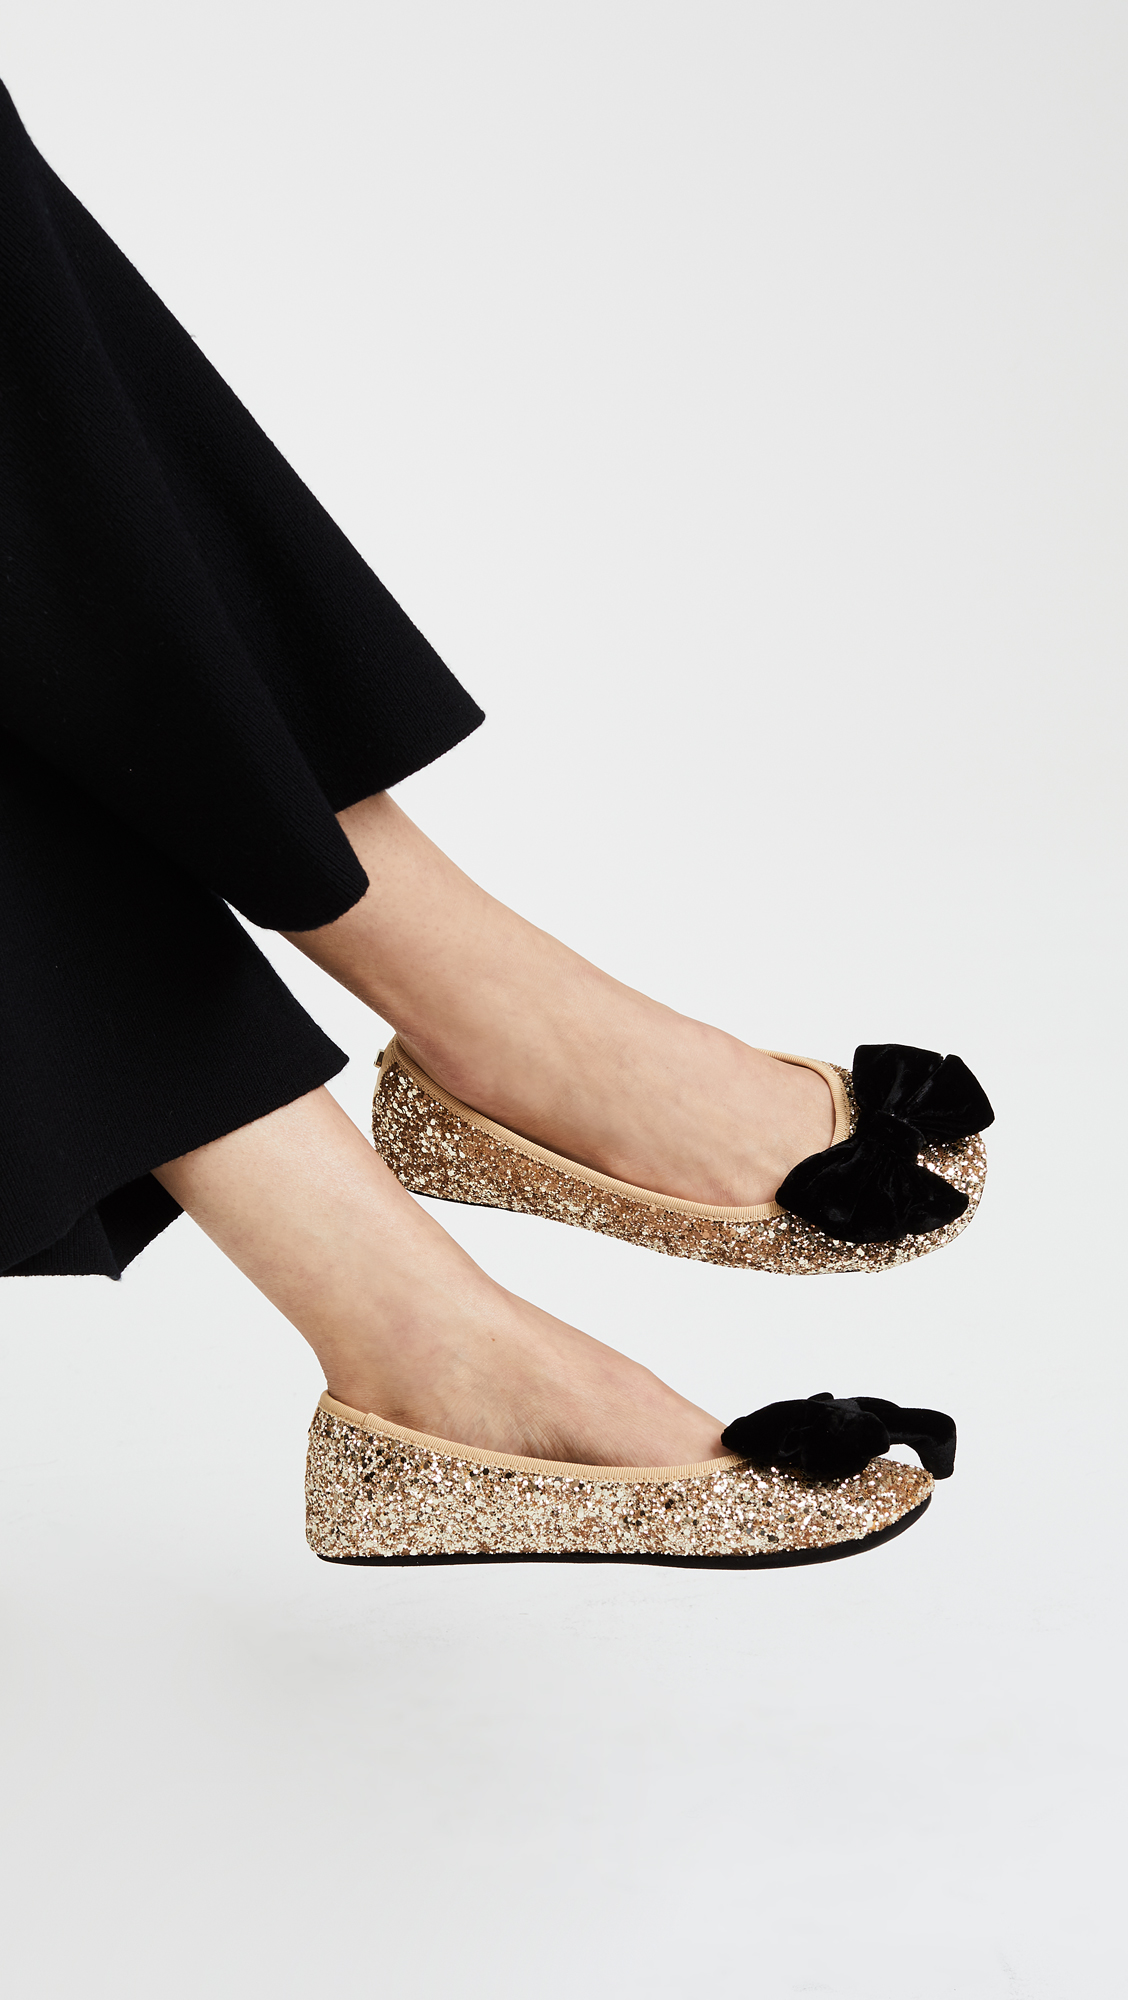 adf35d06f795 Kate Spade New York Sussex Glitter Ballet Flats